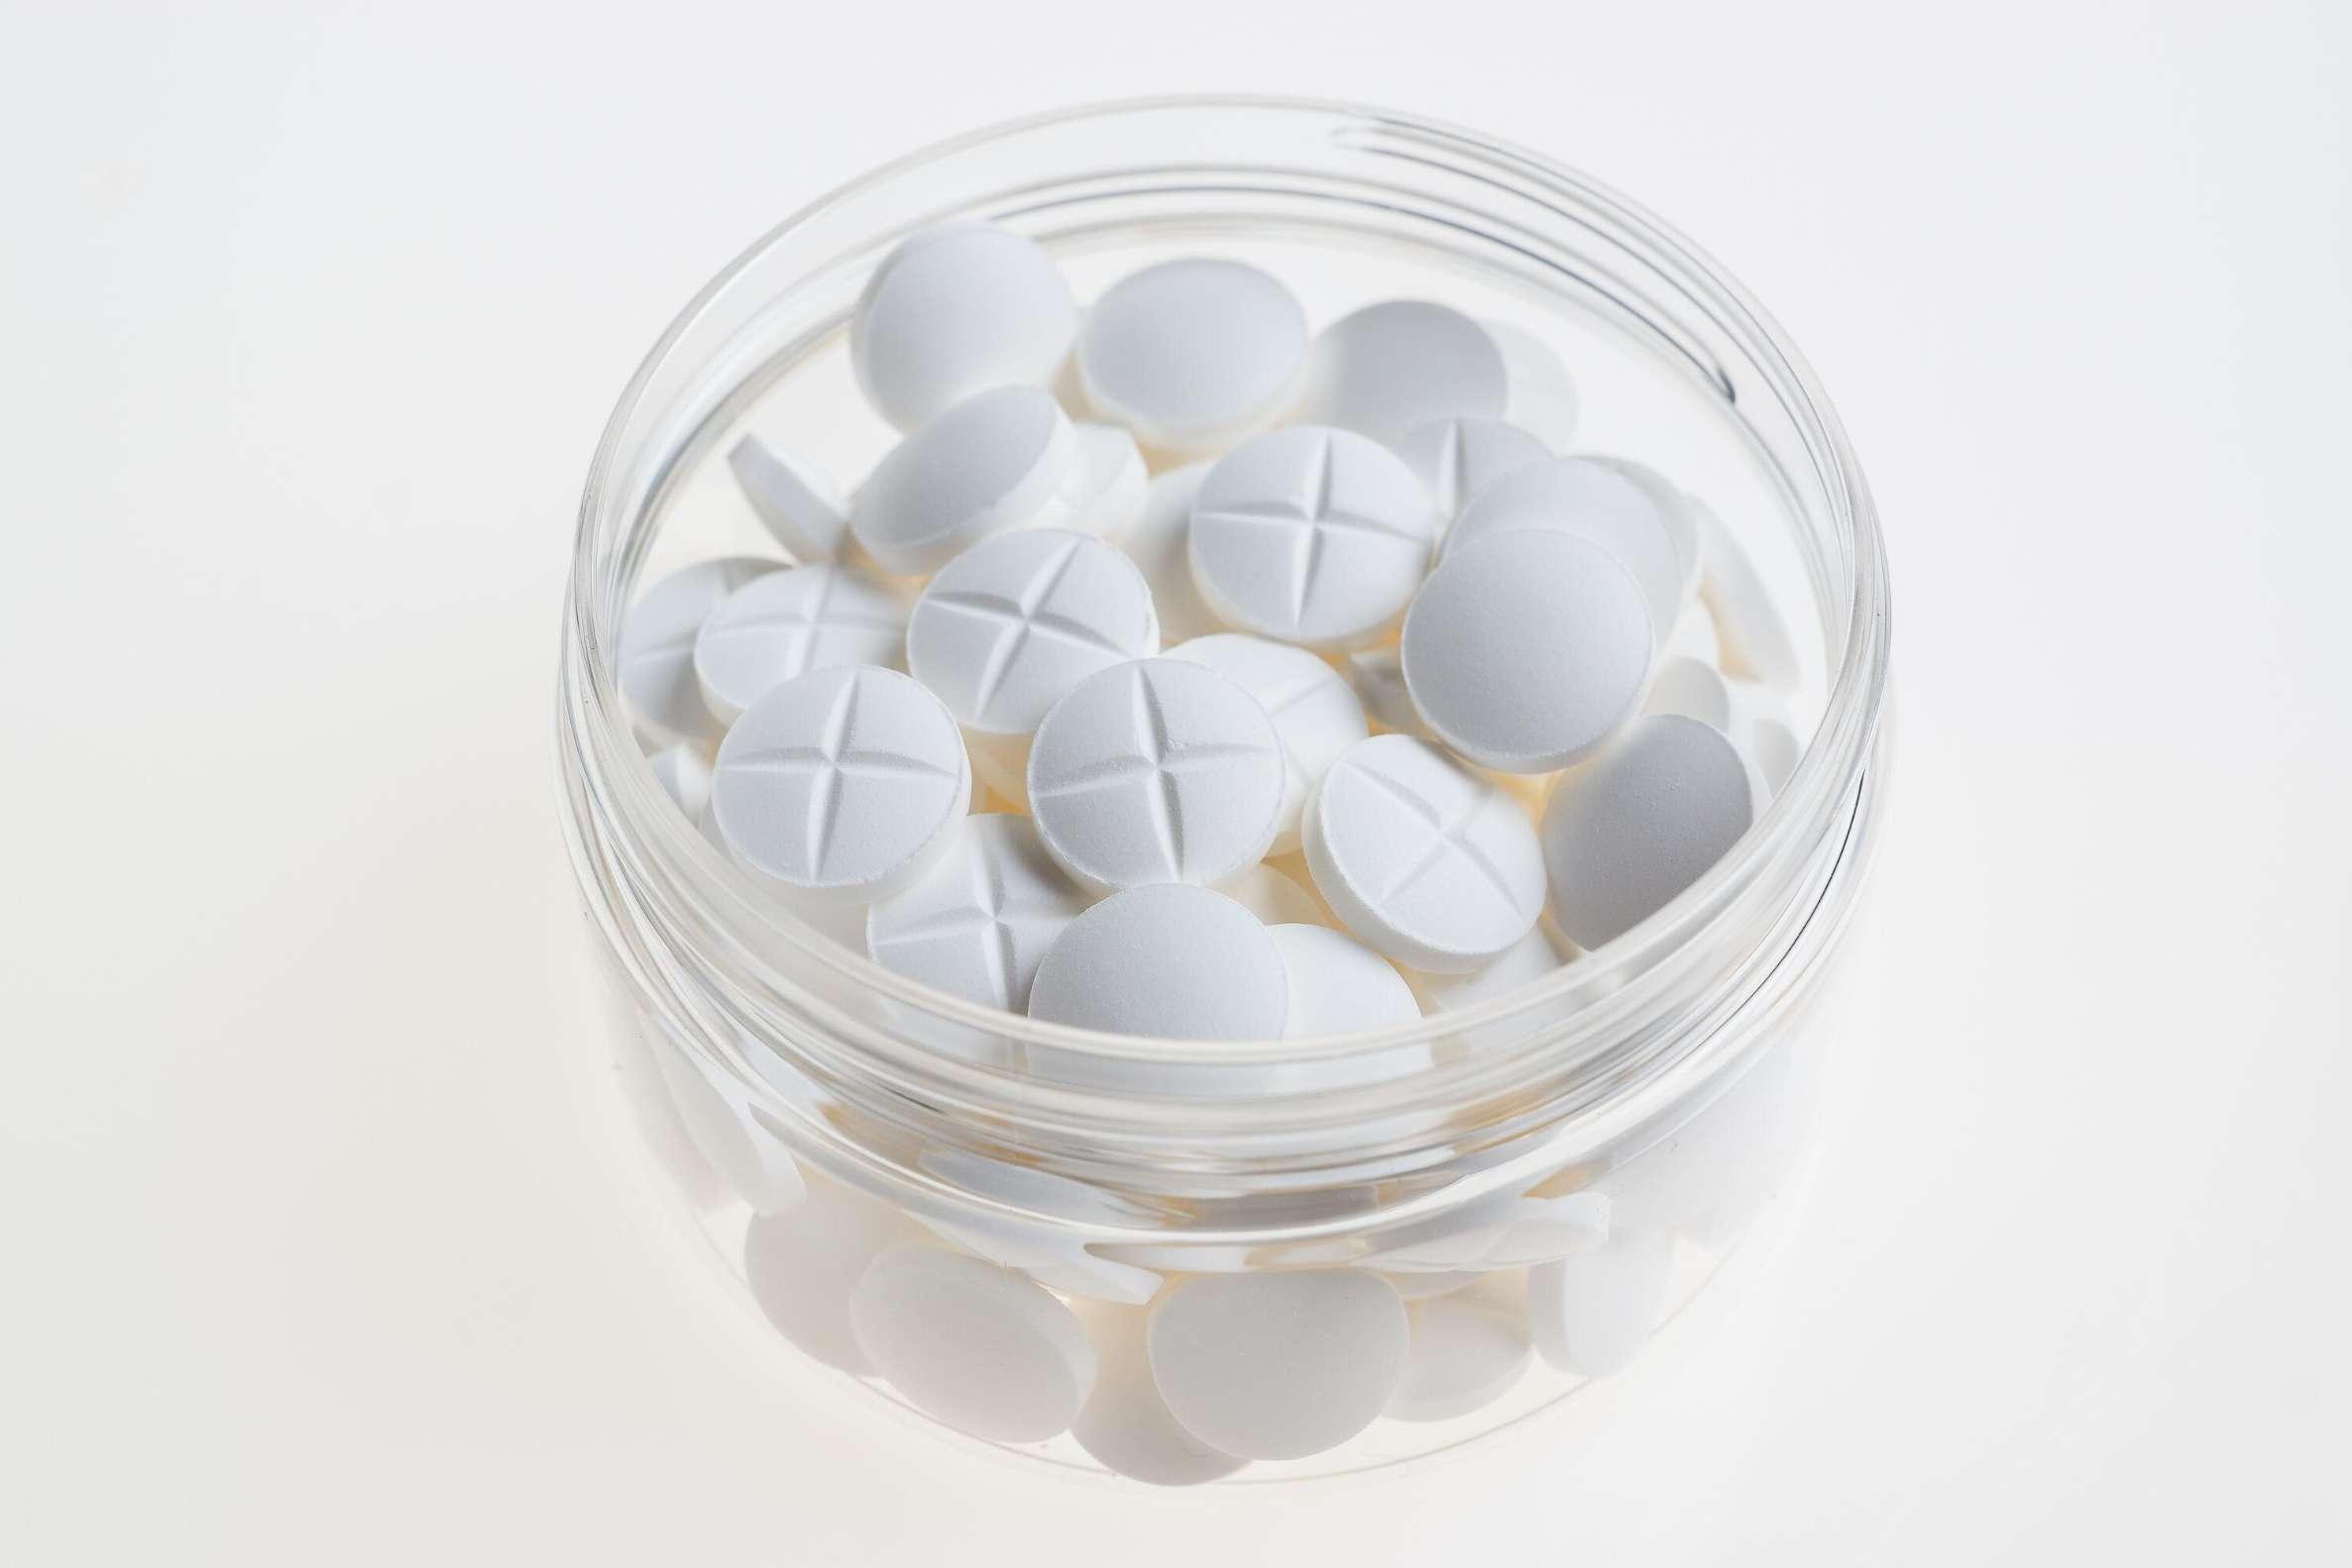 color-drugs-medicine-415804